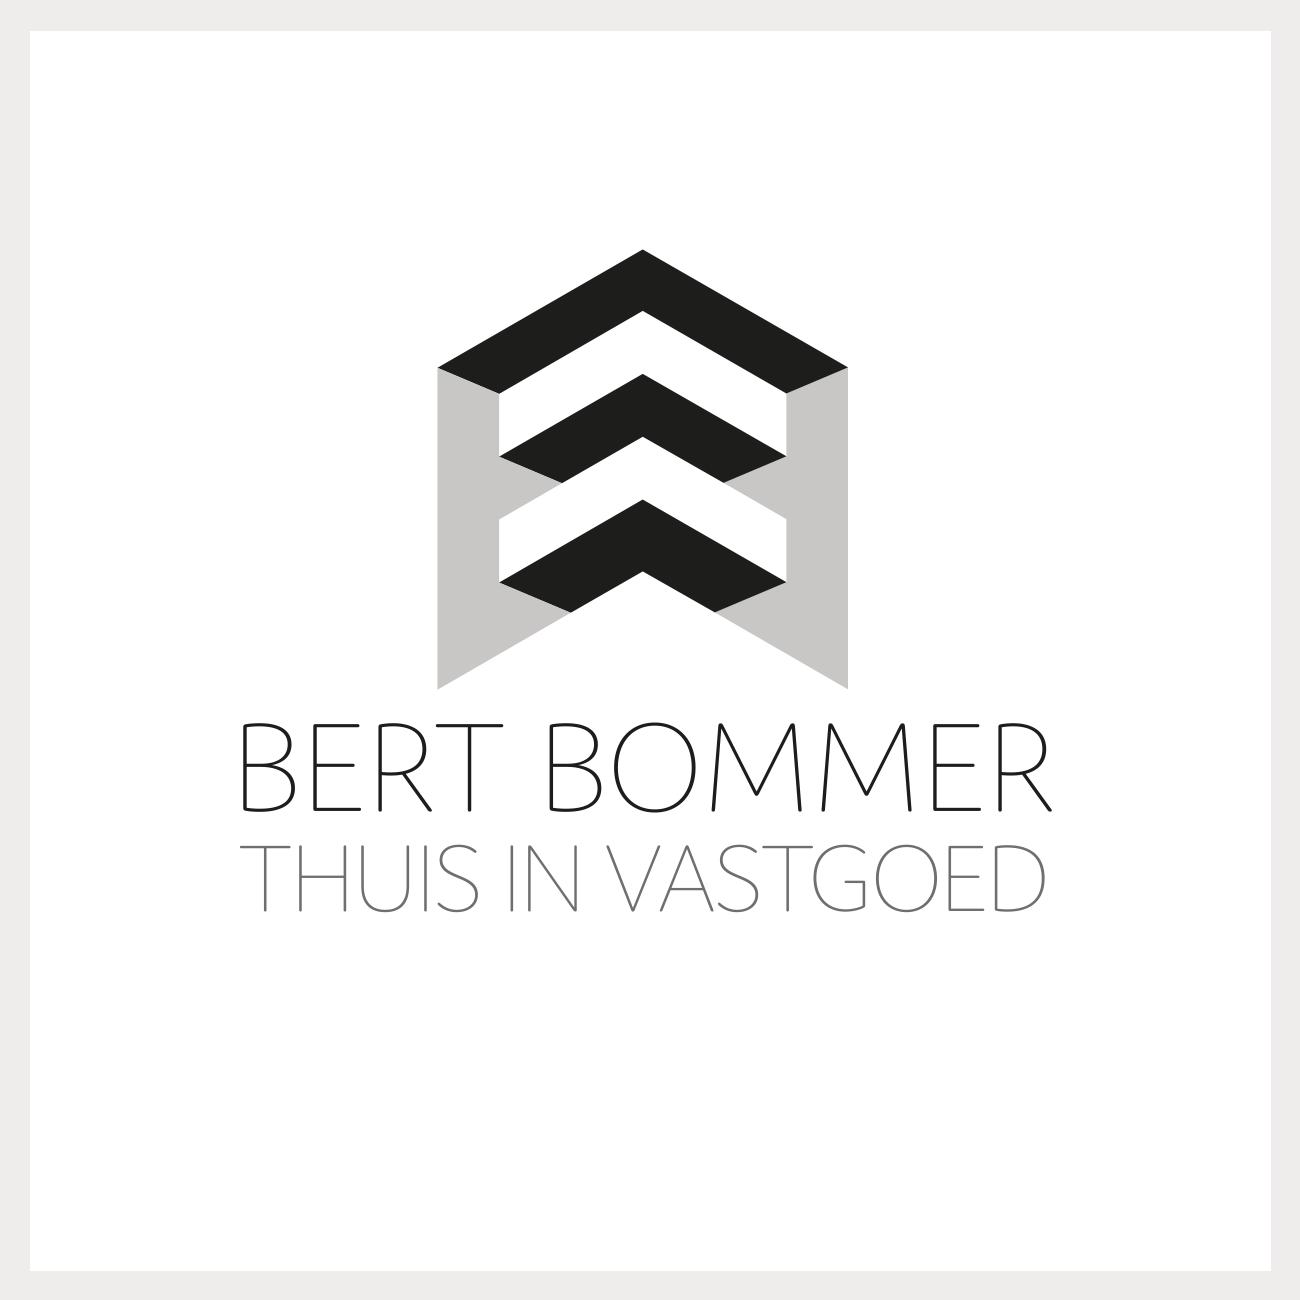 Logo voor Bert Bommer - thuis in vastgoed